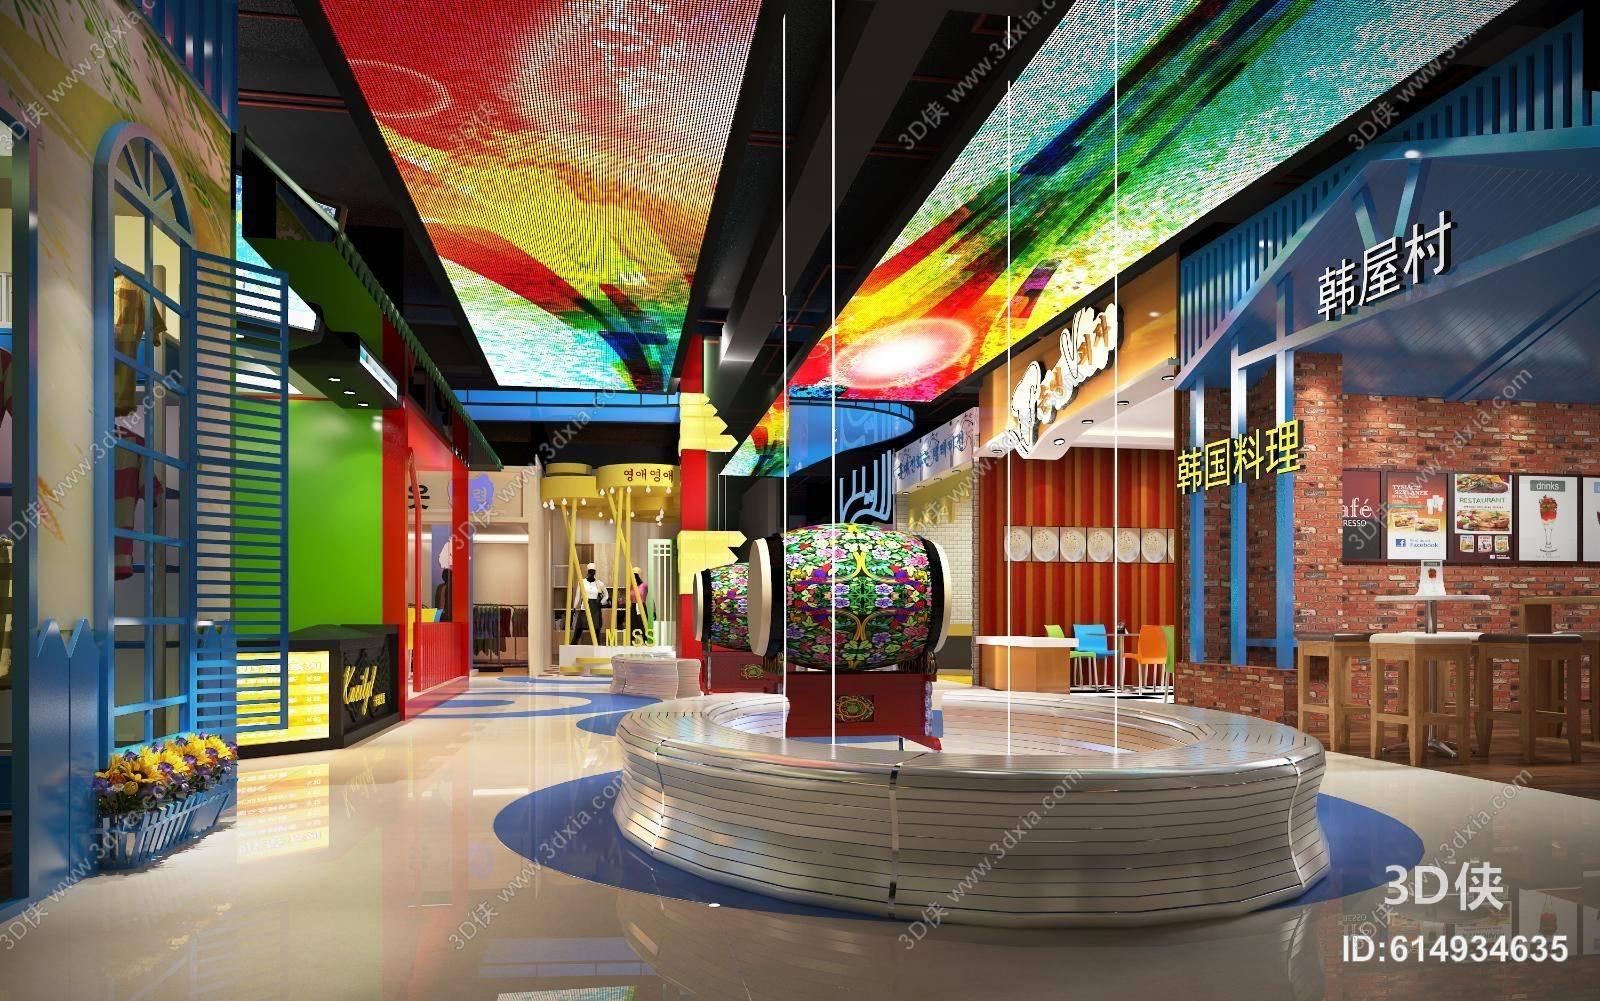 過道效果圖素材免費下載,本作品主題是商場過道 黃色花 圓柱形裝飾品